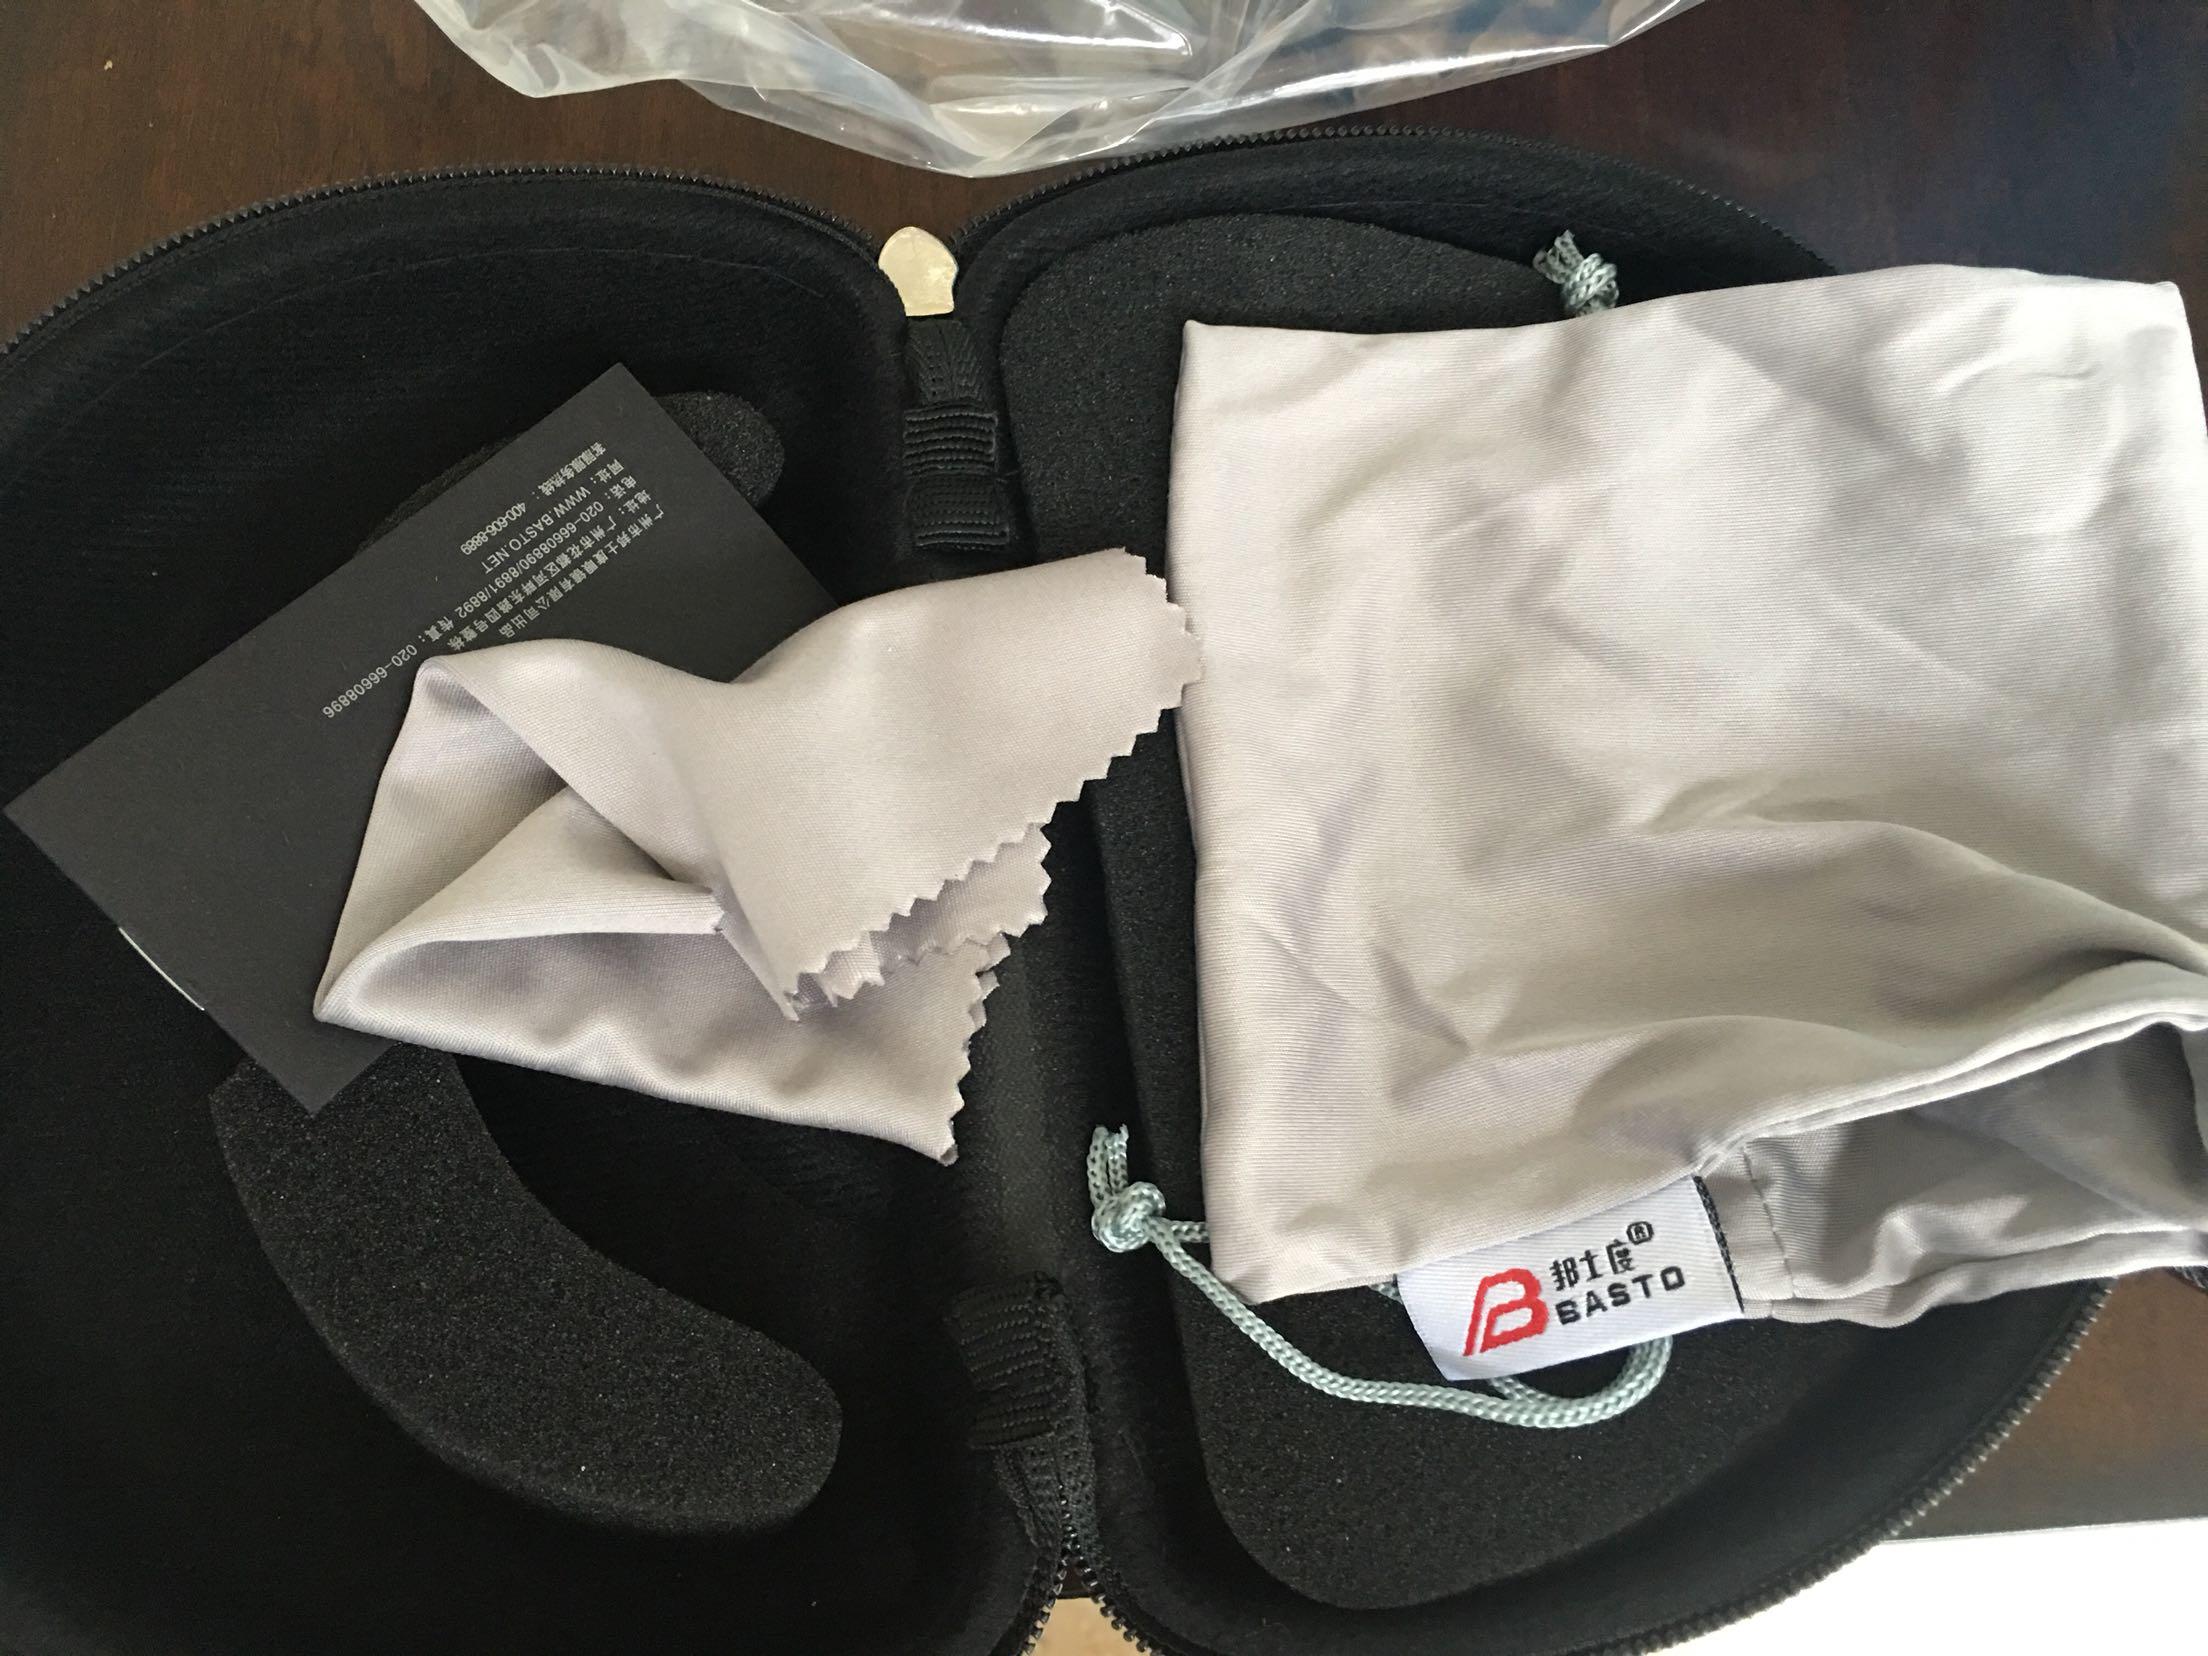 altberg sneeker aqua boots review 0099842 onlinestore